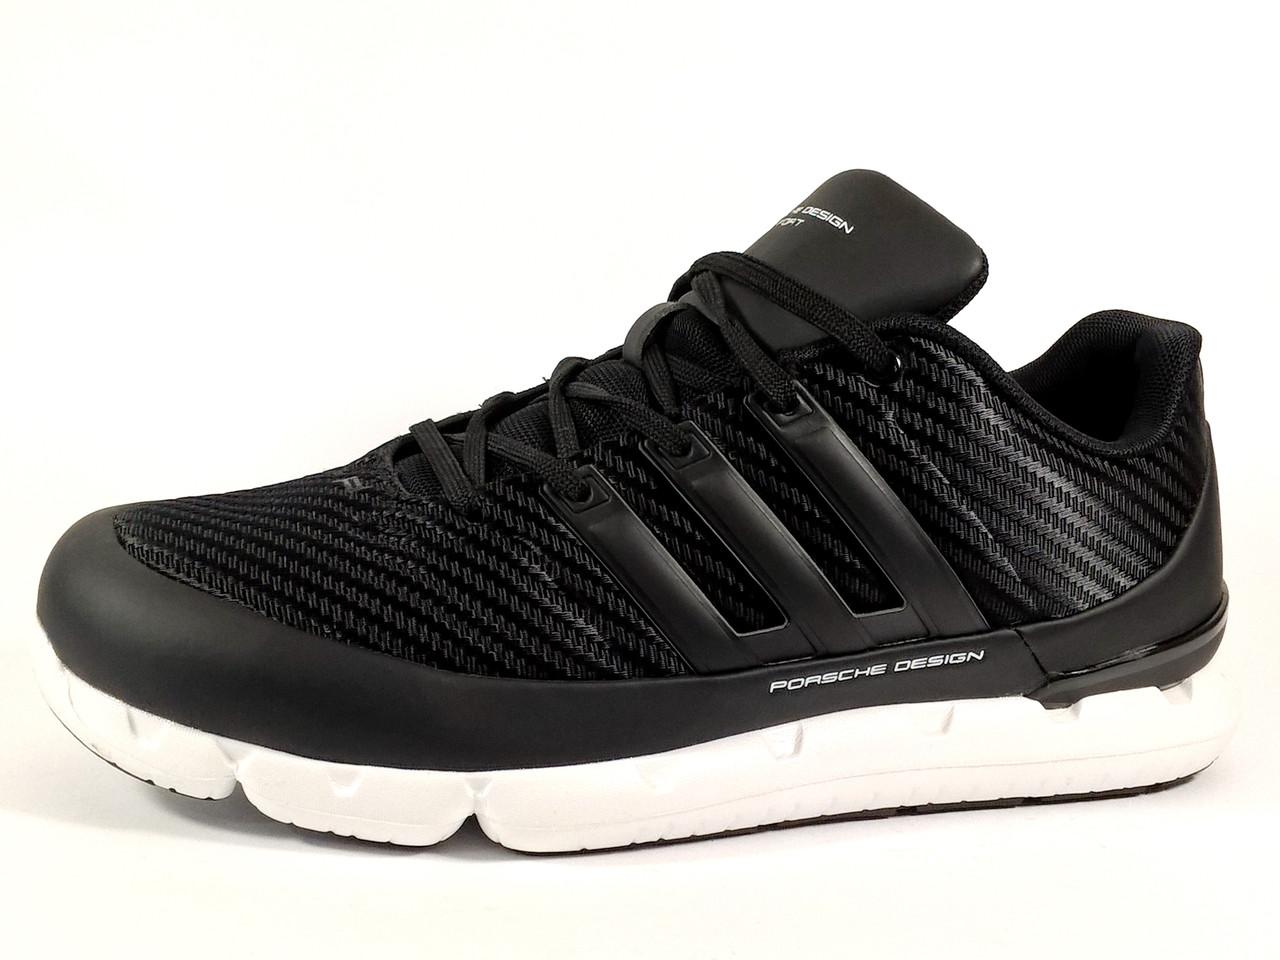 ab717392c Мужские кроссовки Adidas Porsche чёрные на белой подошве - интернет-магазин